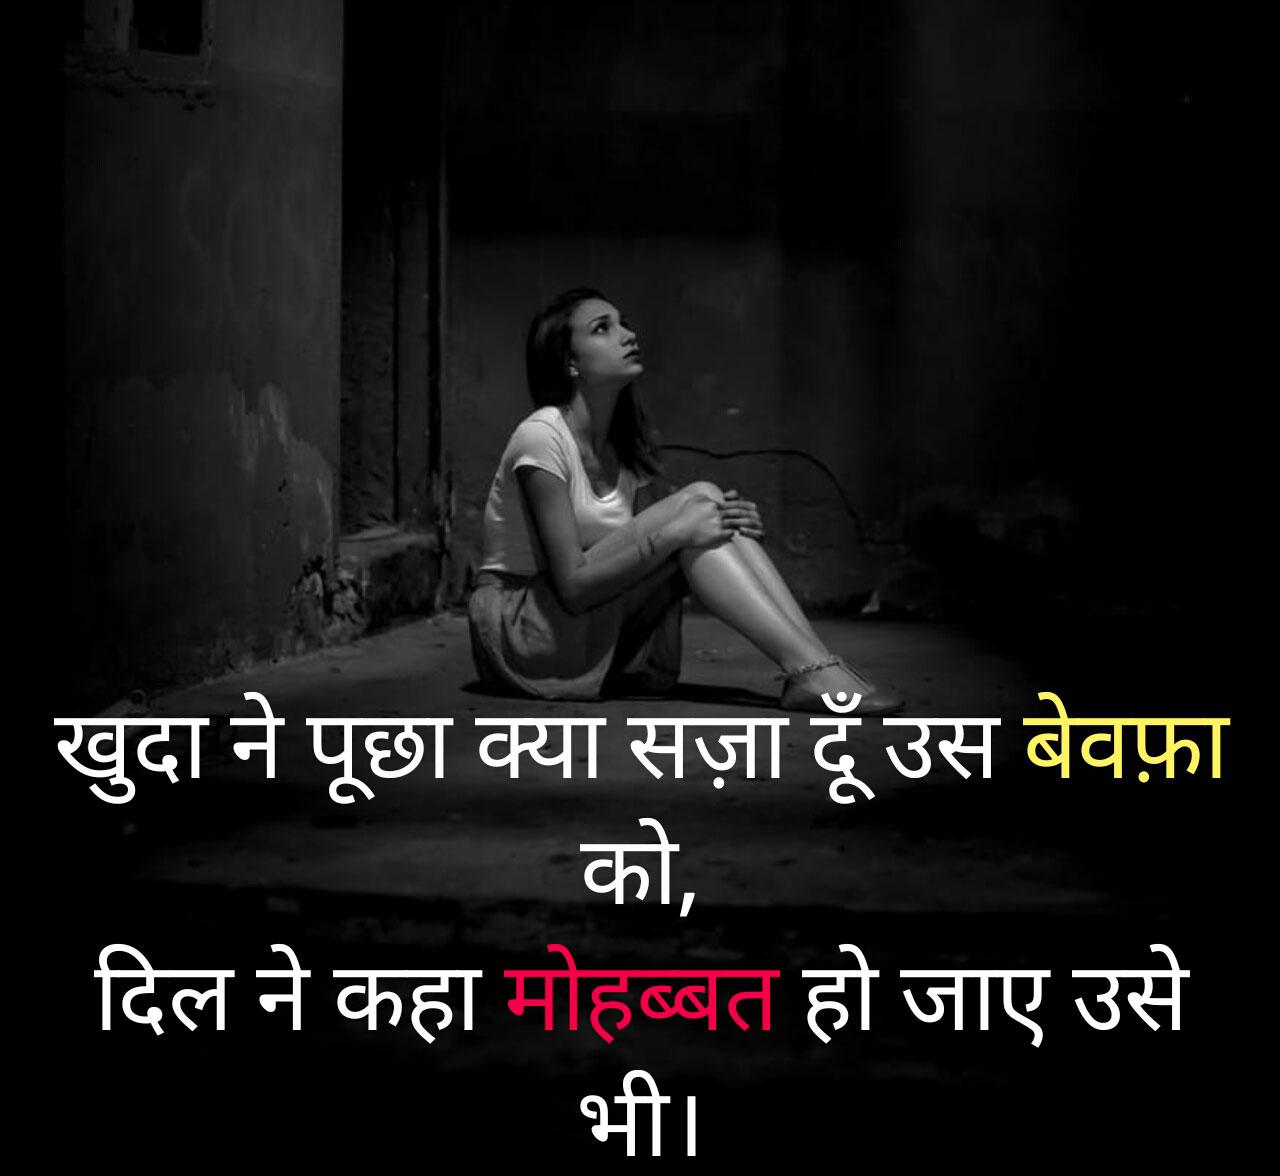 2 Line Hindi Shayari Images Downlaod 2